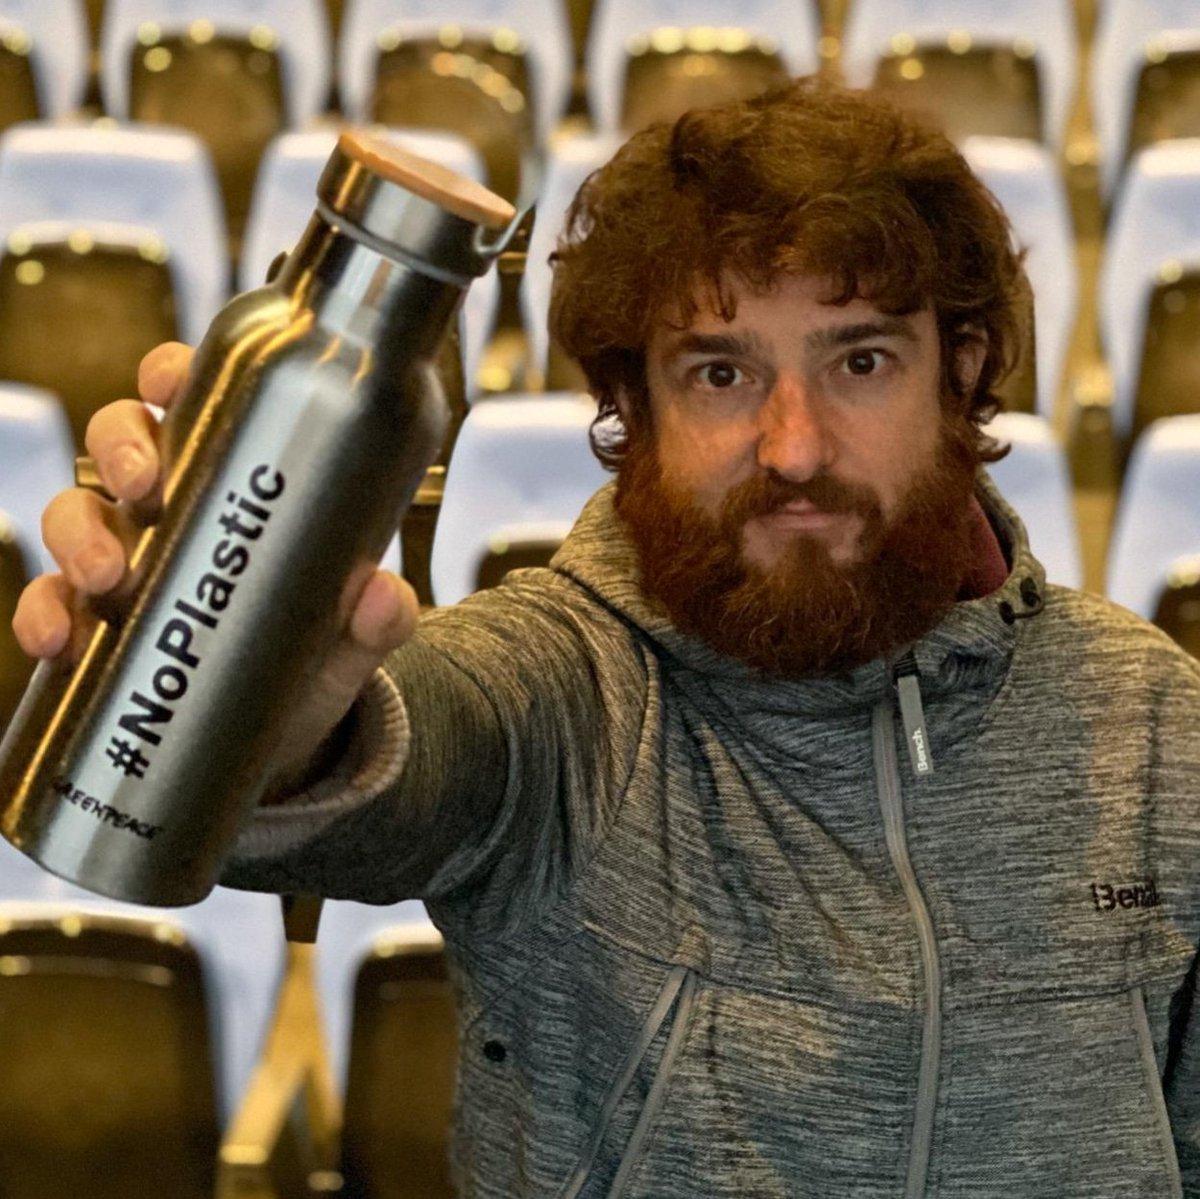 Nosotr@s también podemos cambiar hábitos de consumo y costumbres. Una de ellas, y muy fácil, es evitar consumir agua embotellada en plástico. En la compañía de la obra Juntos hace tiempo q dejamos de consumirlas, llevamos ahorradas casi 2.000 botellas. #NoPlastic @greenpeace_esppic.twitter.com/yCHTYnpj75